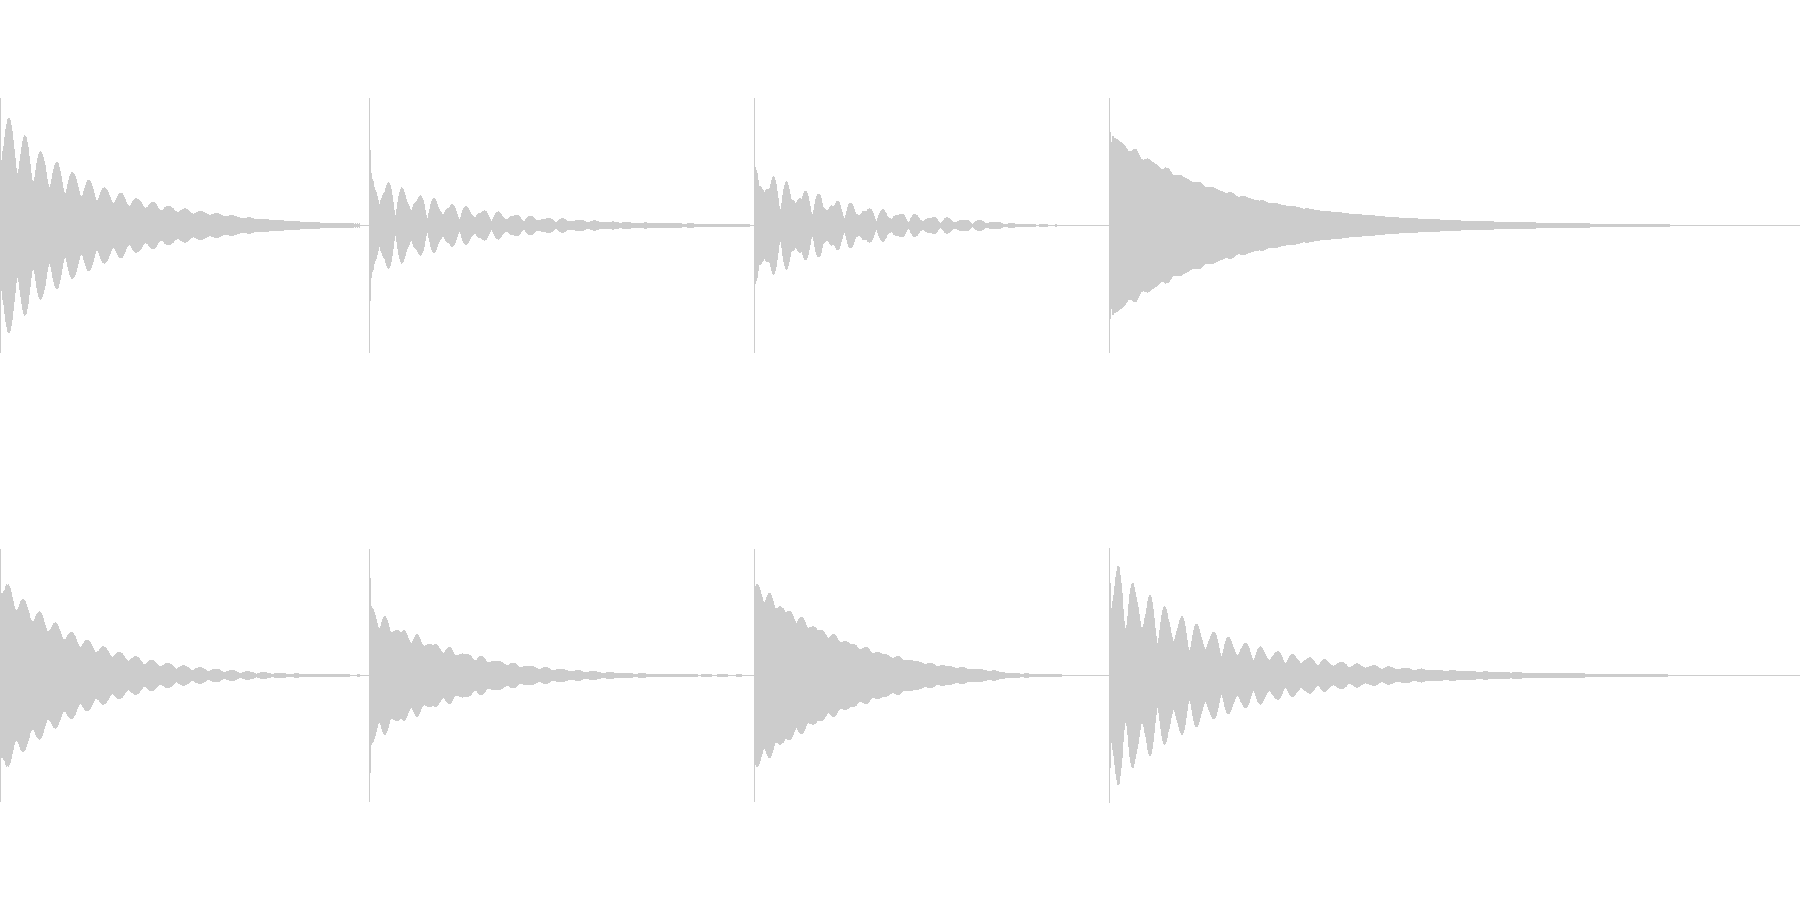 チーーーーーン(仏具の鏧を鳴らす音)の未再生の波形